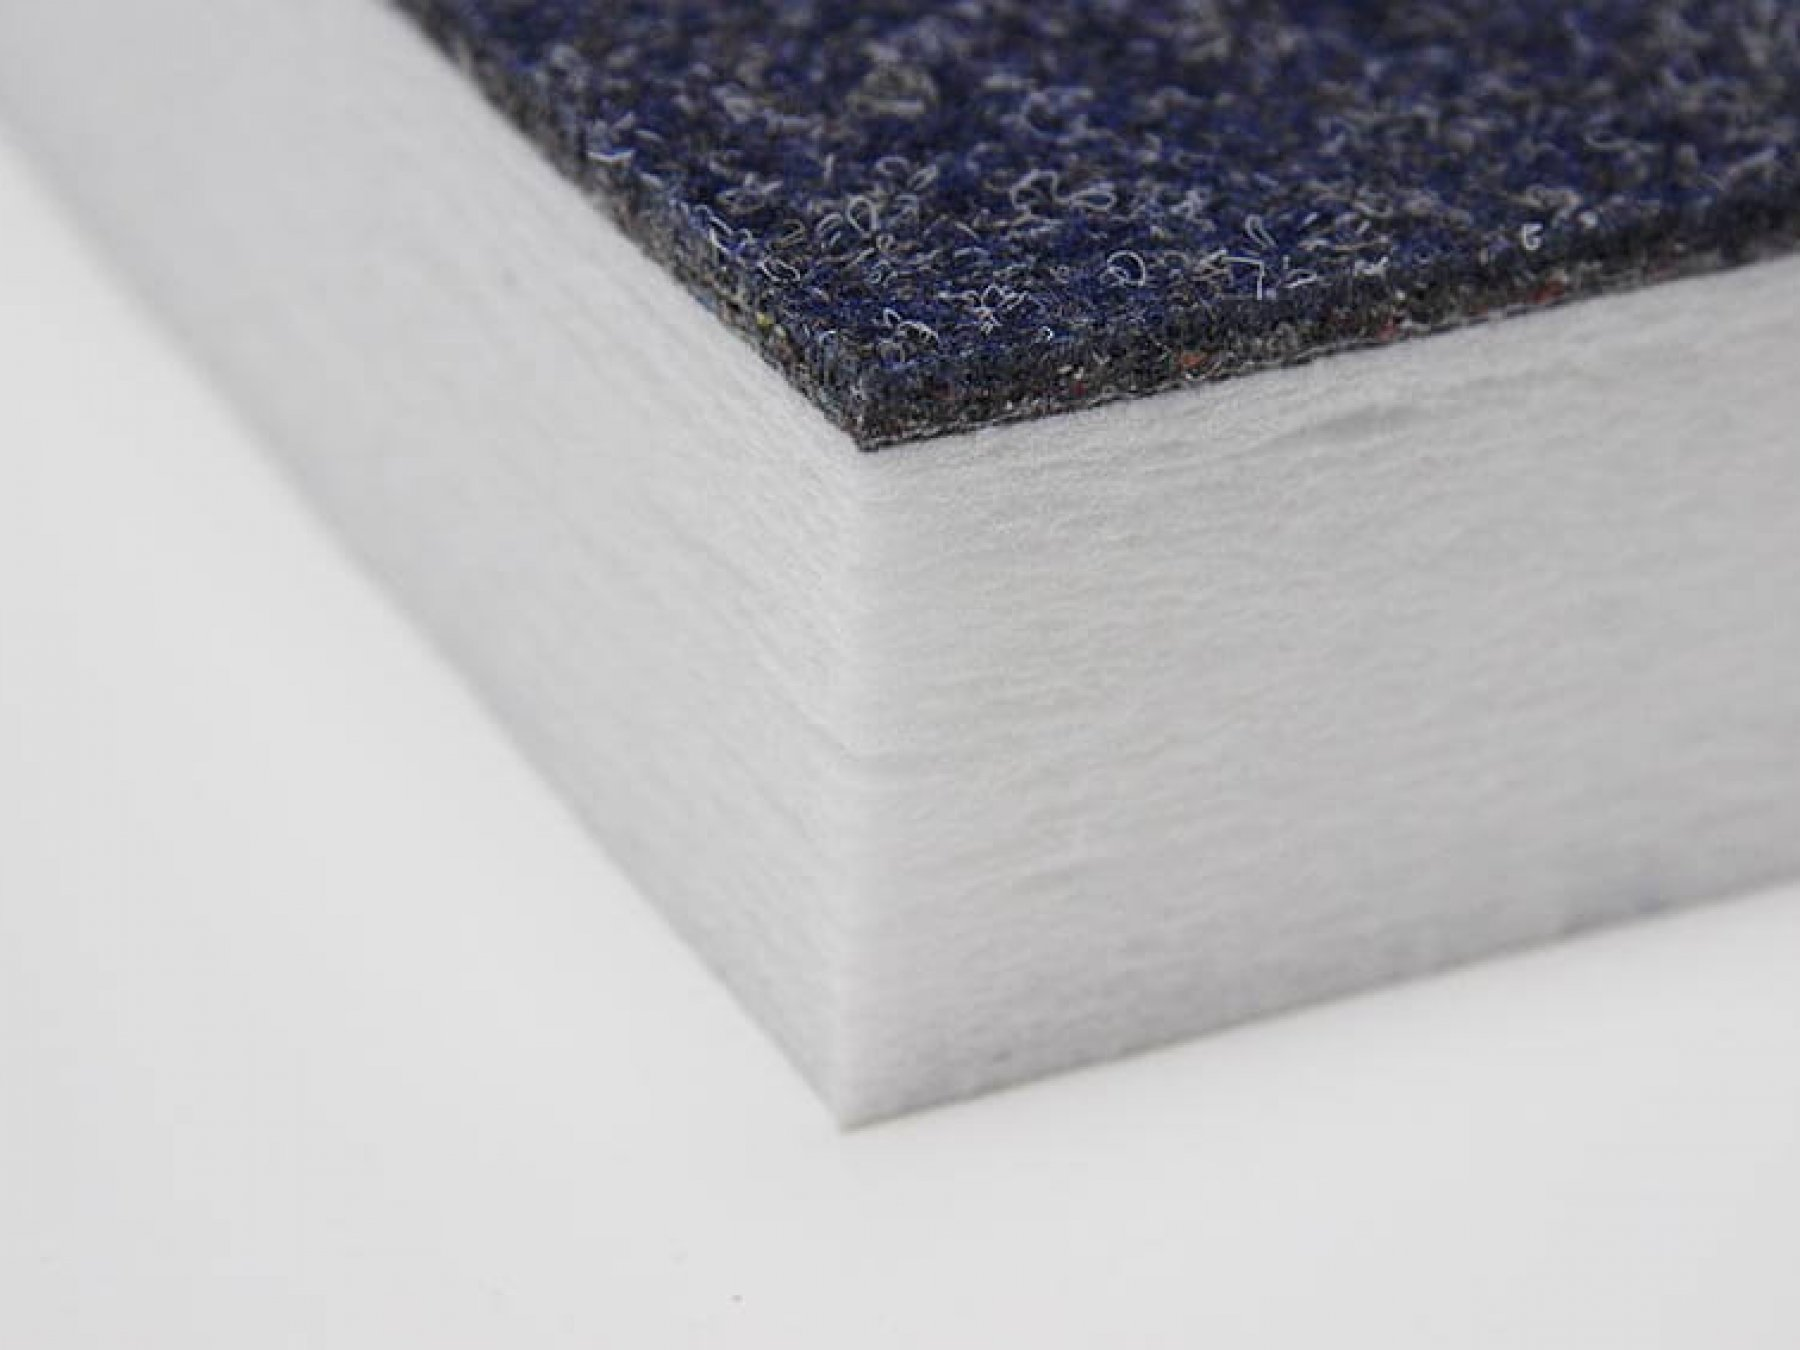 FINETT ACOUSTICS 50 - Nadelvlies + Polyestervlies 50 mm